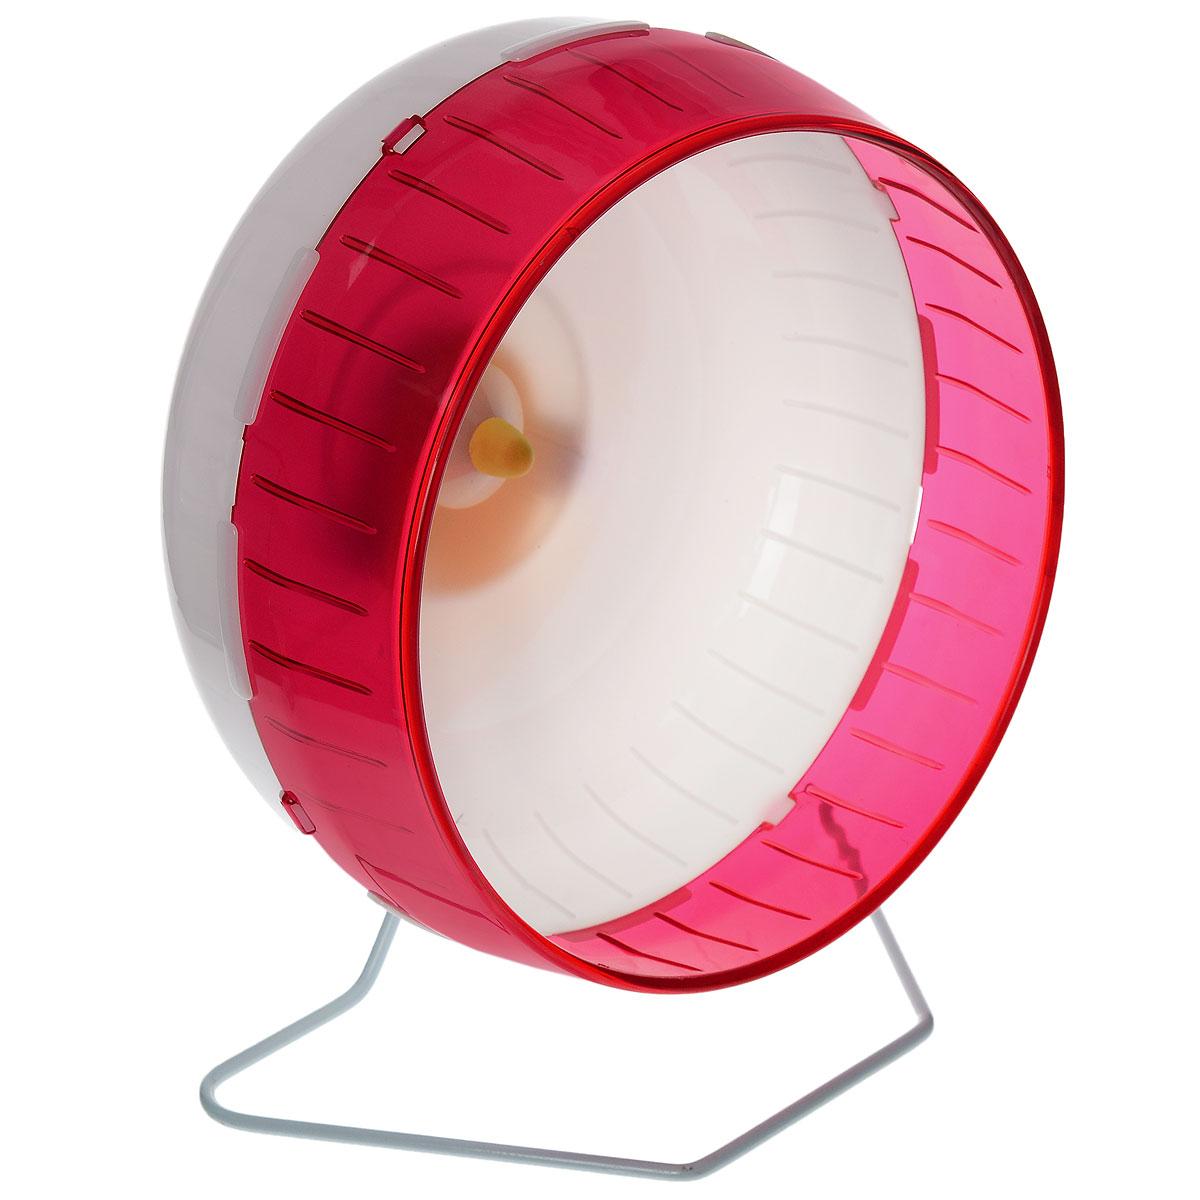 Колесо для грызунов I.P.T.S., цвет: белый, малиновый, 29 см0120710Колесо для грызунов I.P.T.S. удобно и бесшумно, с высоким уровнем безопасности. Поместив его в клетку, вы обеспечите своему питомцу необходимую физическую активность. Сплошная внутренняя поверхность без щелей убережет питомца от возможных травм. Можно установить на подставку или прикрепить к решетке. Колесо можно использовать для сирийских хомяков, дегу, крыс или молодых шиншилл. Диаметр колеса: 29 см.